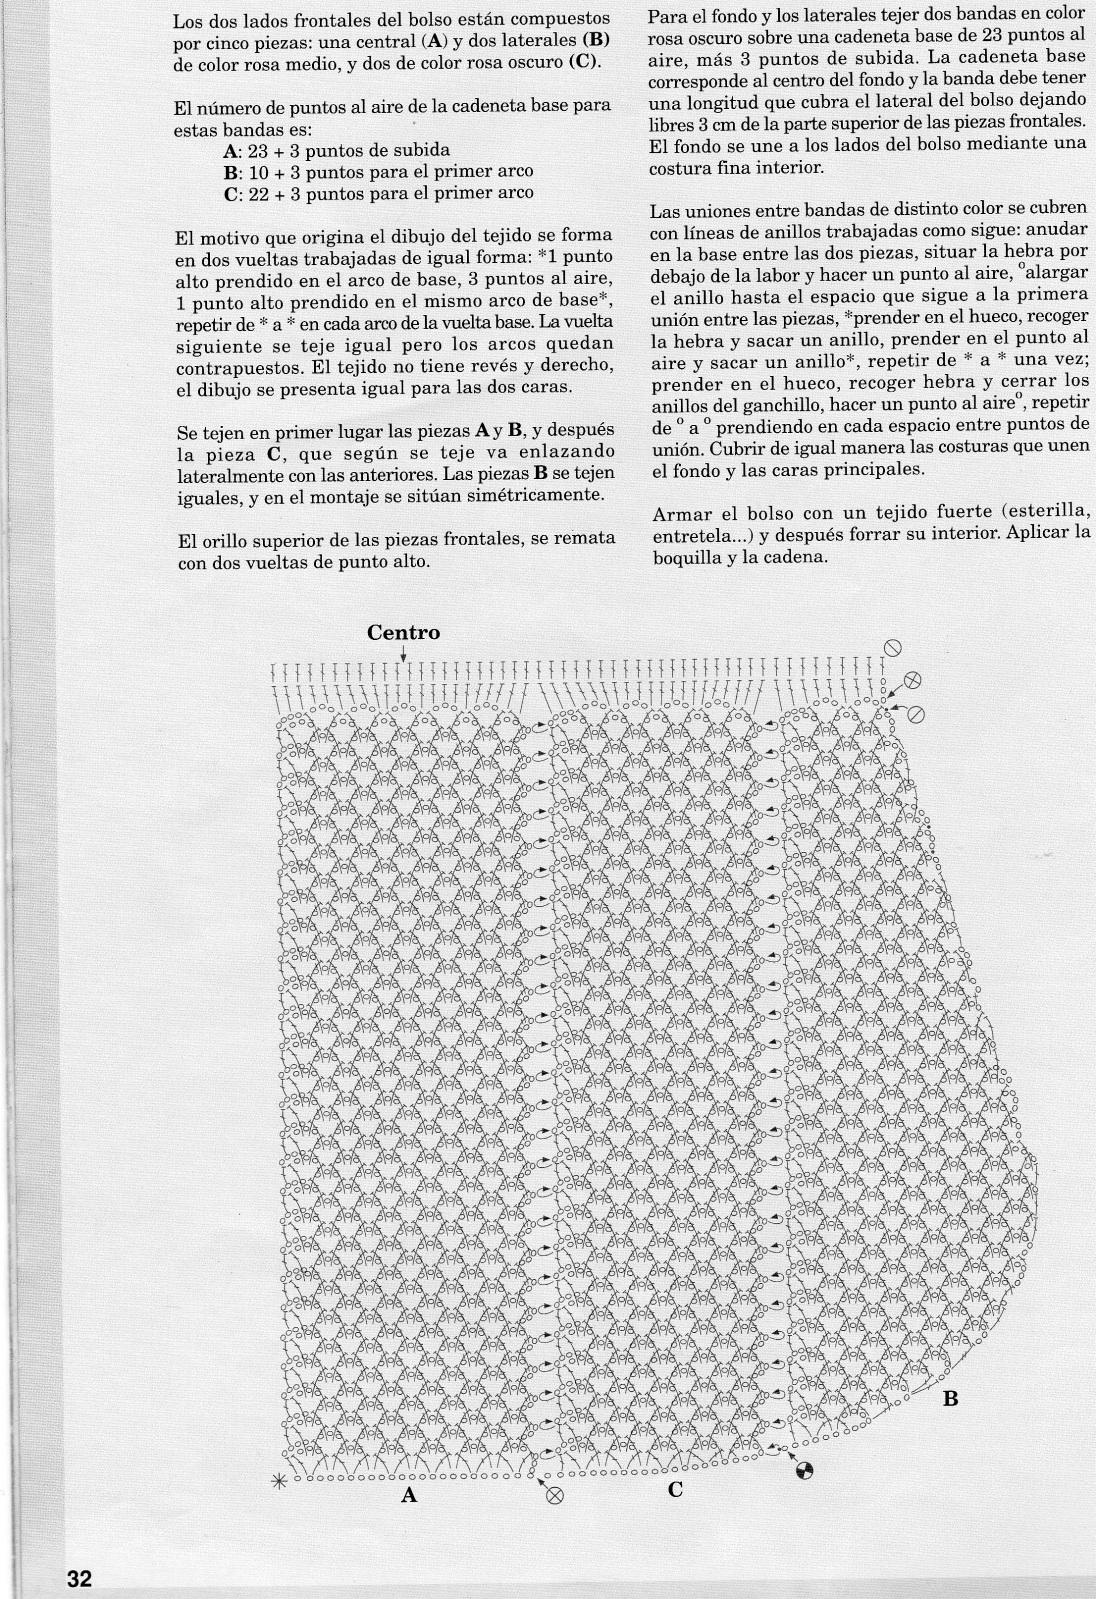 patrones de bolsos O51air